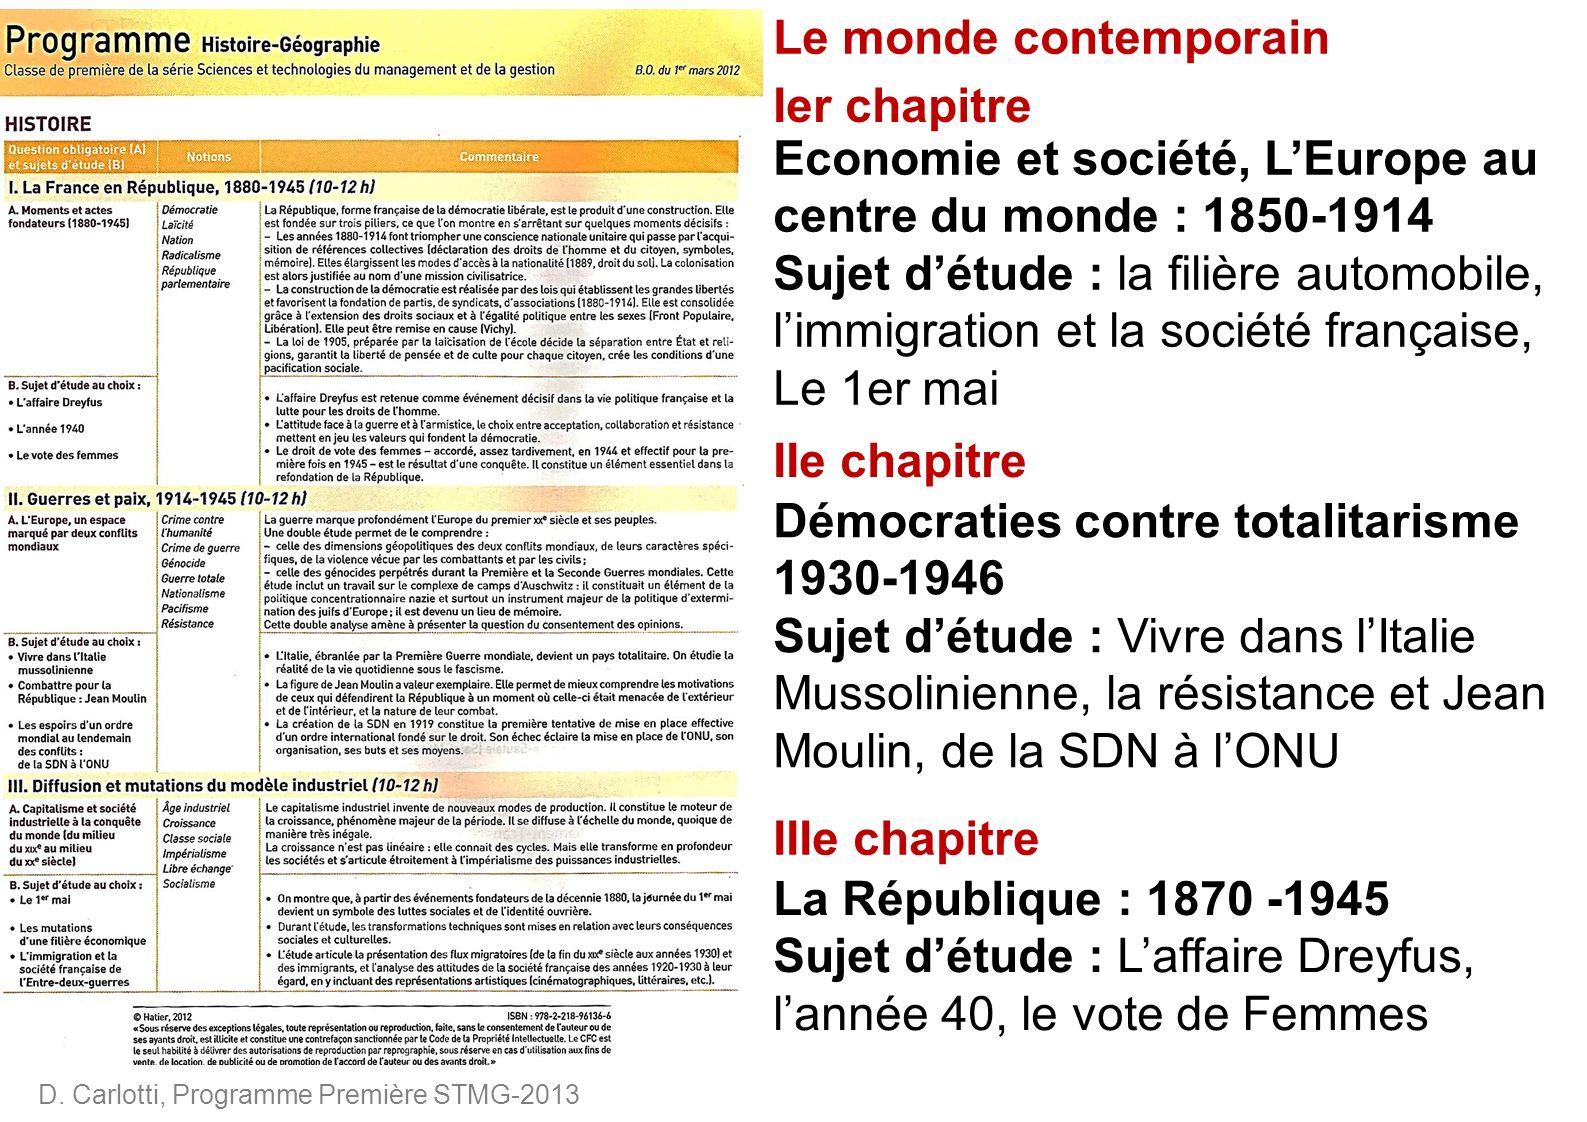 D. Carlotti, Programme Première STMG-2013 IIIe chapitre IIe chapitre Ier chapitre Economie et société, LEurope au centre du monde : 1850-1914 Sujet dé